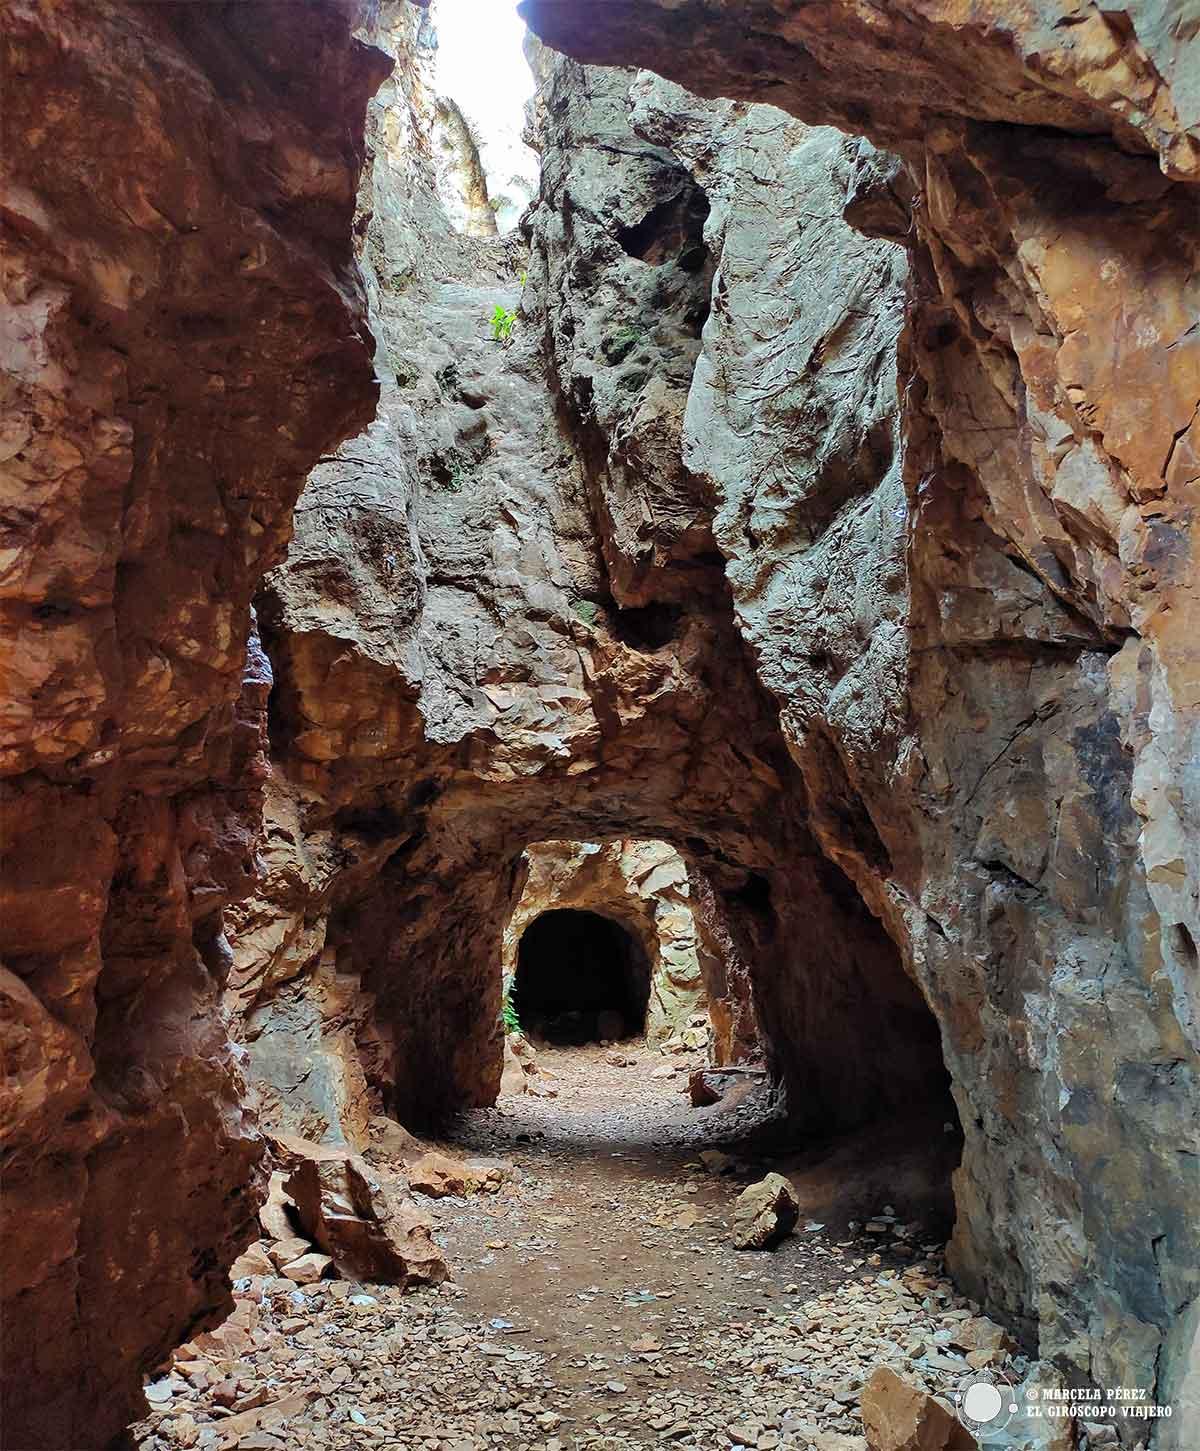 Túneles en el Cerro del Hierro